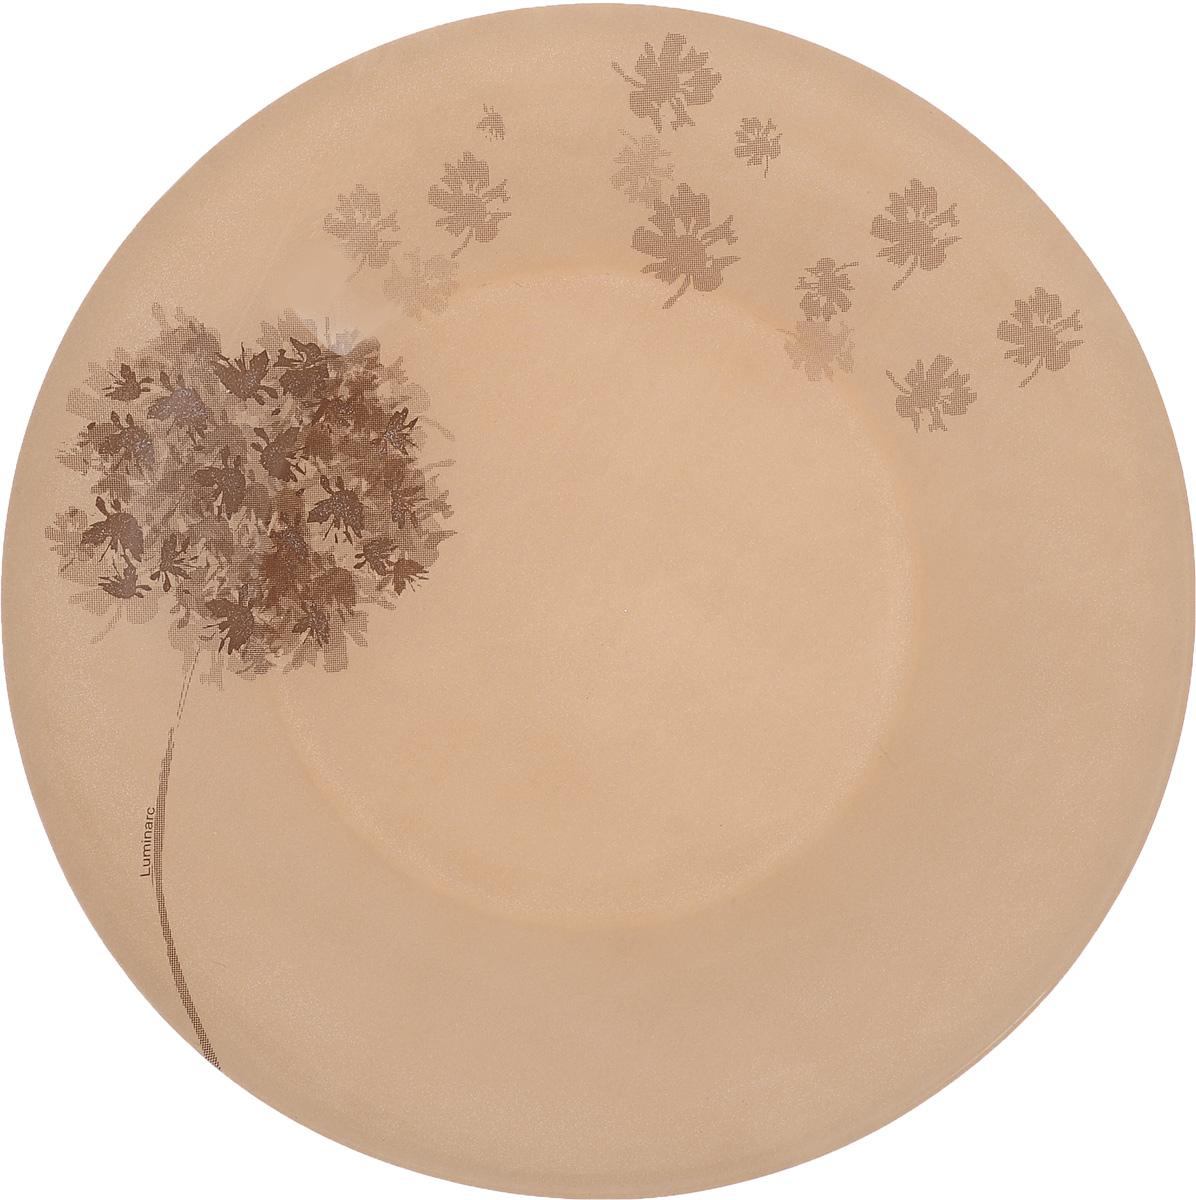 Тарелка десертная Luminarc Stella Chocolat, диаметр 19,5 см115510Десертная тарелка Luminarc Stella Chocolat, изготовленная из ударопрочного стекла, имеет изысканный внешний вид. Такая тарелка прекрасно подходит как для торжественных случаев, так и для повседневного использования. Идеальна для подачи десертов, пирожных, тортов и многого другого. Она прекрасно оформит стол и станет отличным дополнением к вашей коллекции кухонной посуды. Диаметр тарелки (по верхнему краю): 19,5 см. Высота тарелки: 1,7 см.